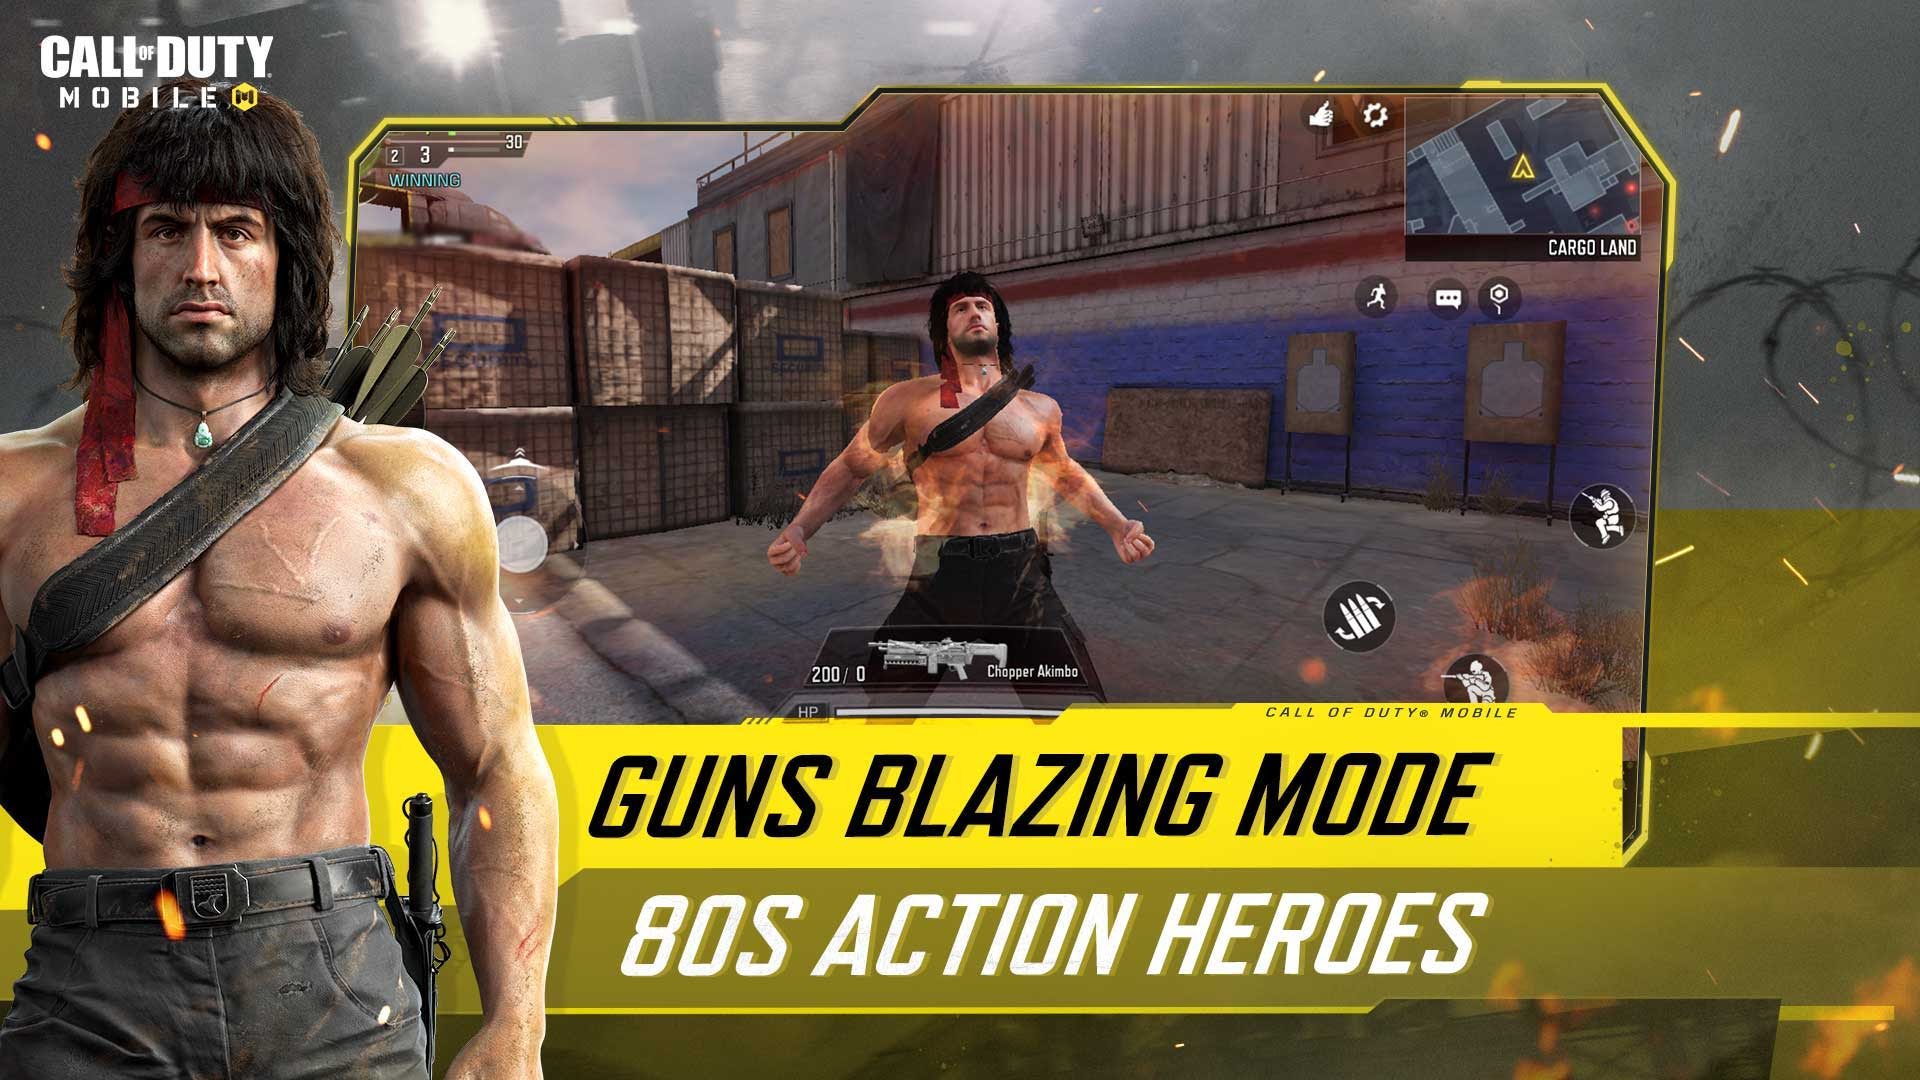 """Call of Duty recibe a John McClane y Rambo con el evento """"Héroes de acción de los 80s"""" que llegará a Warzone, Black Ops y Mobile."""